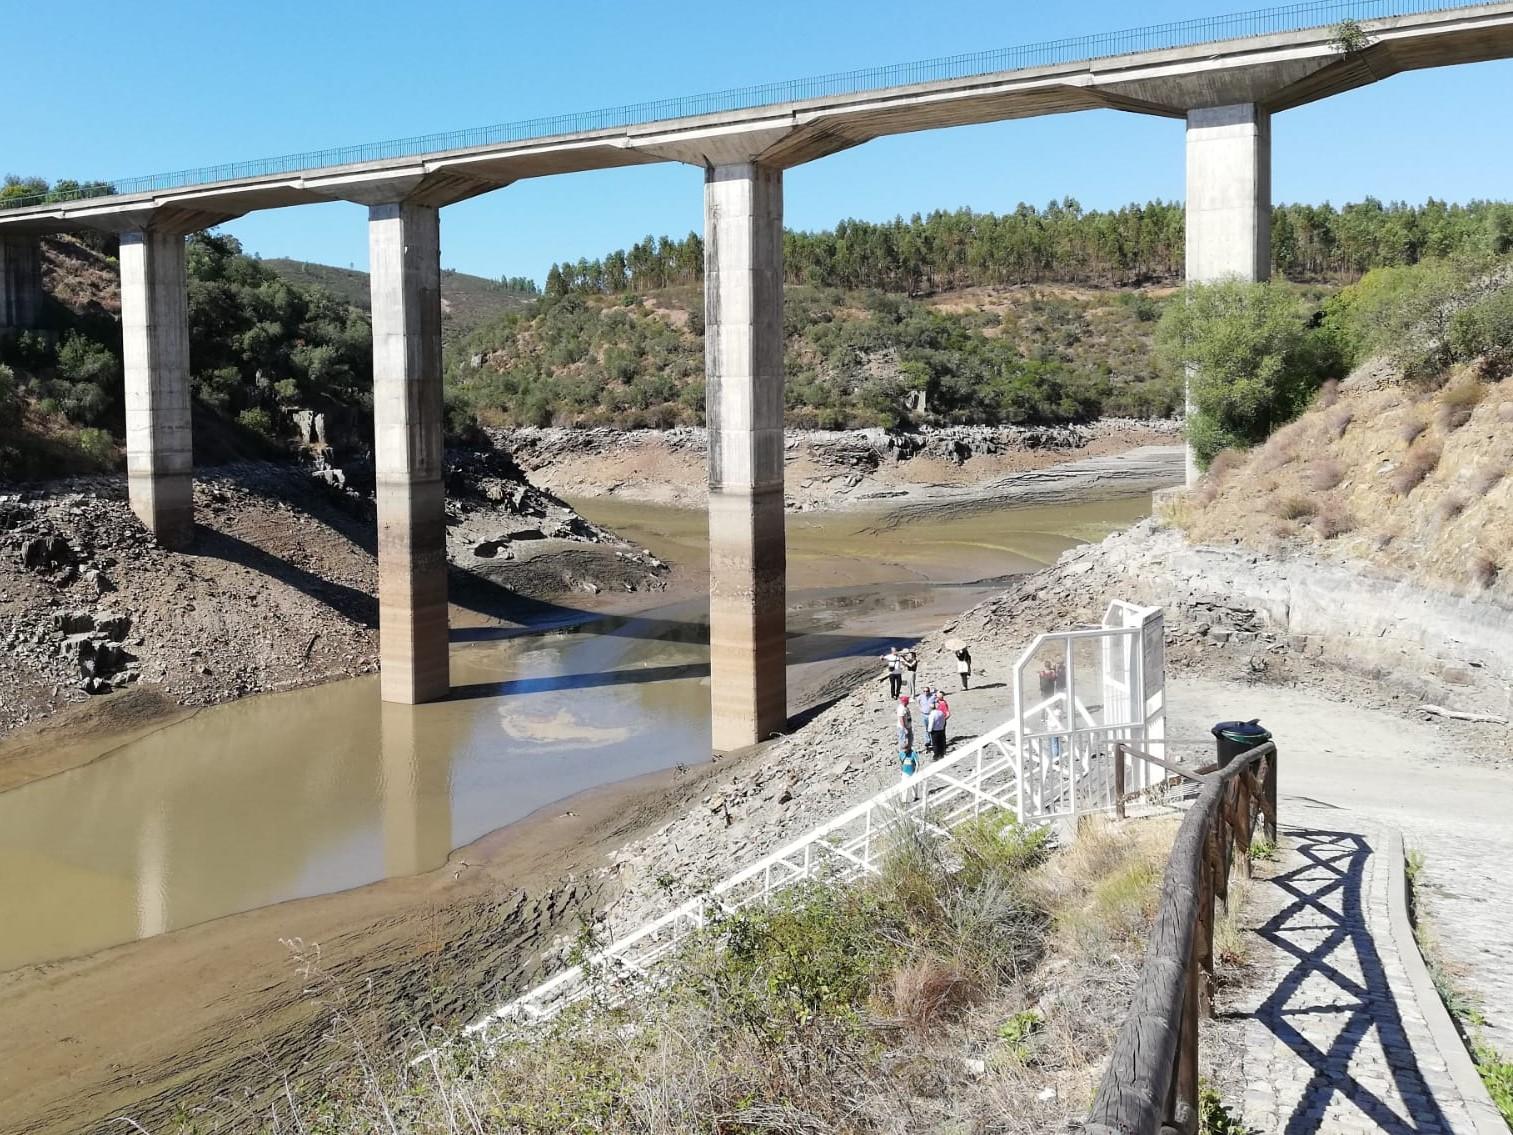 Desastre ambiental no Rio Ponsul exige apuramento urgente de responsabilidades